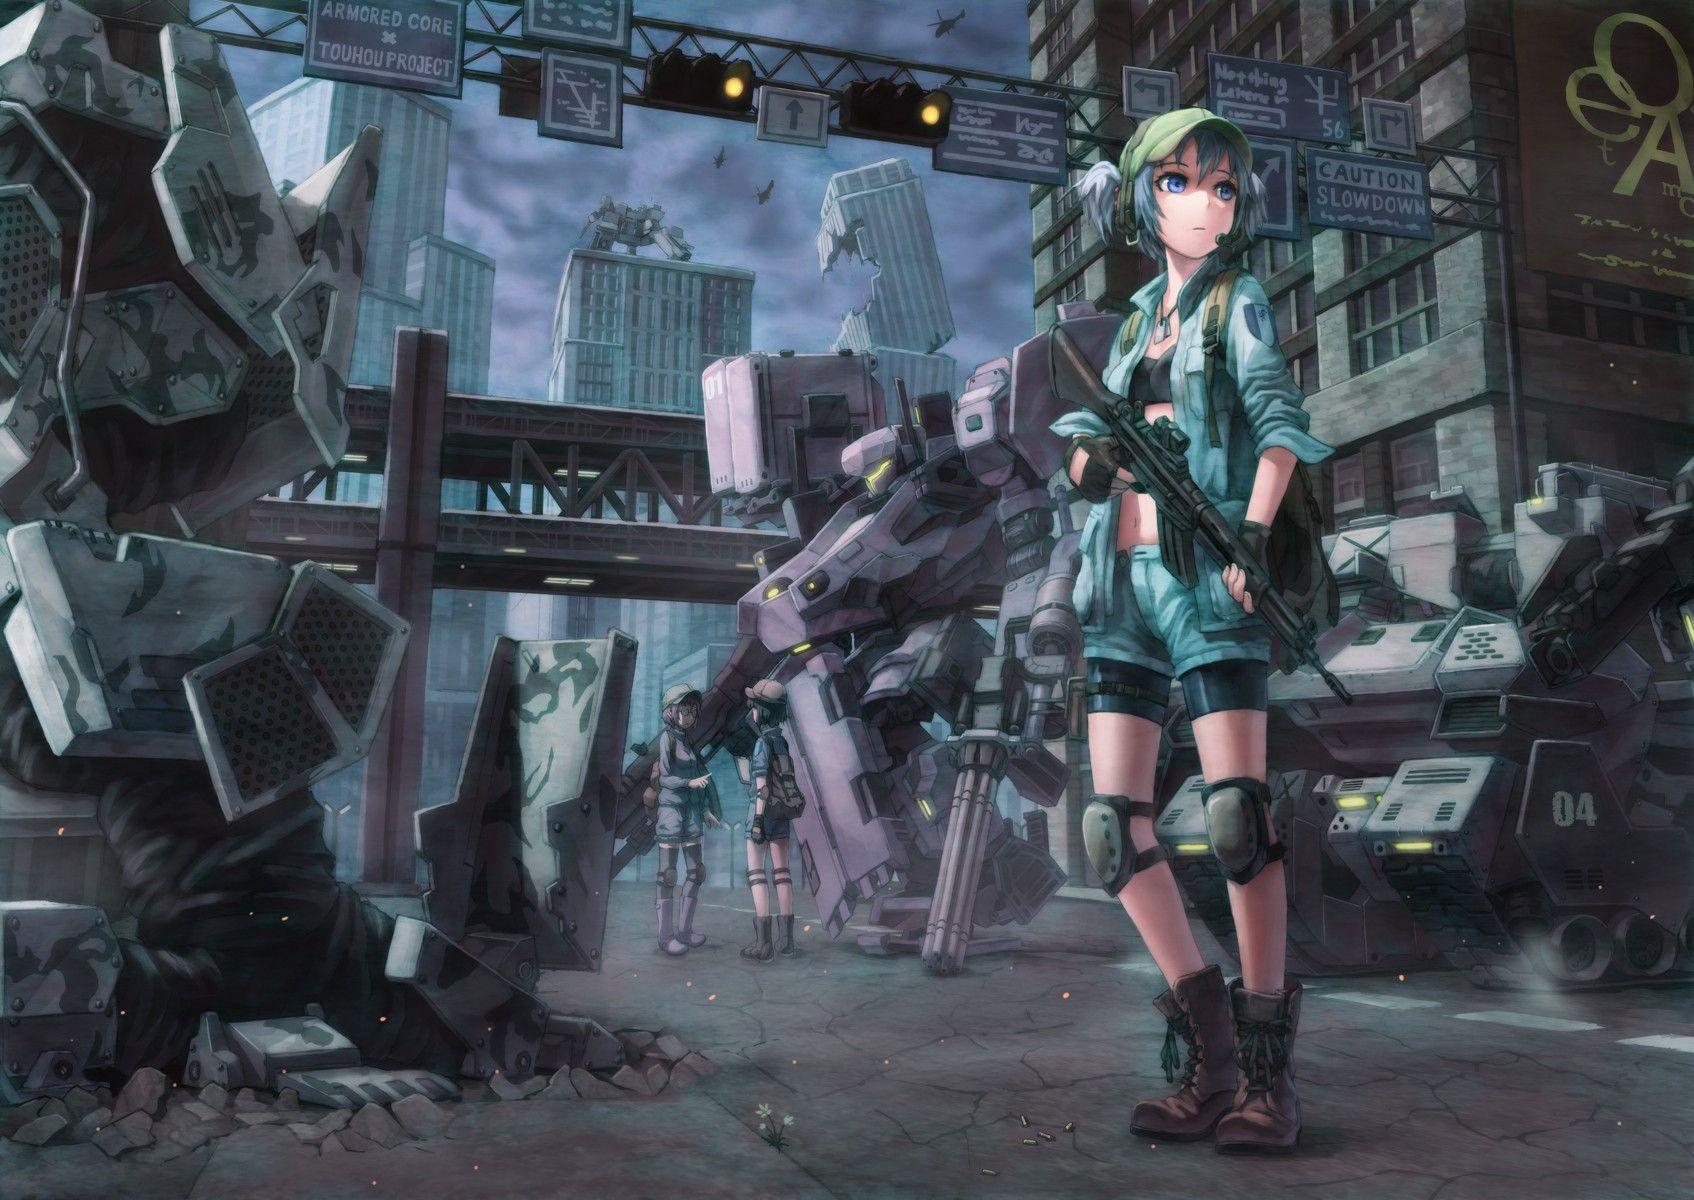 anime 1694x1200 mech anime gun apocalyptic blue eyes blue hair